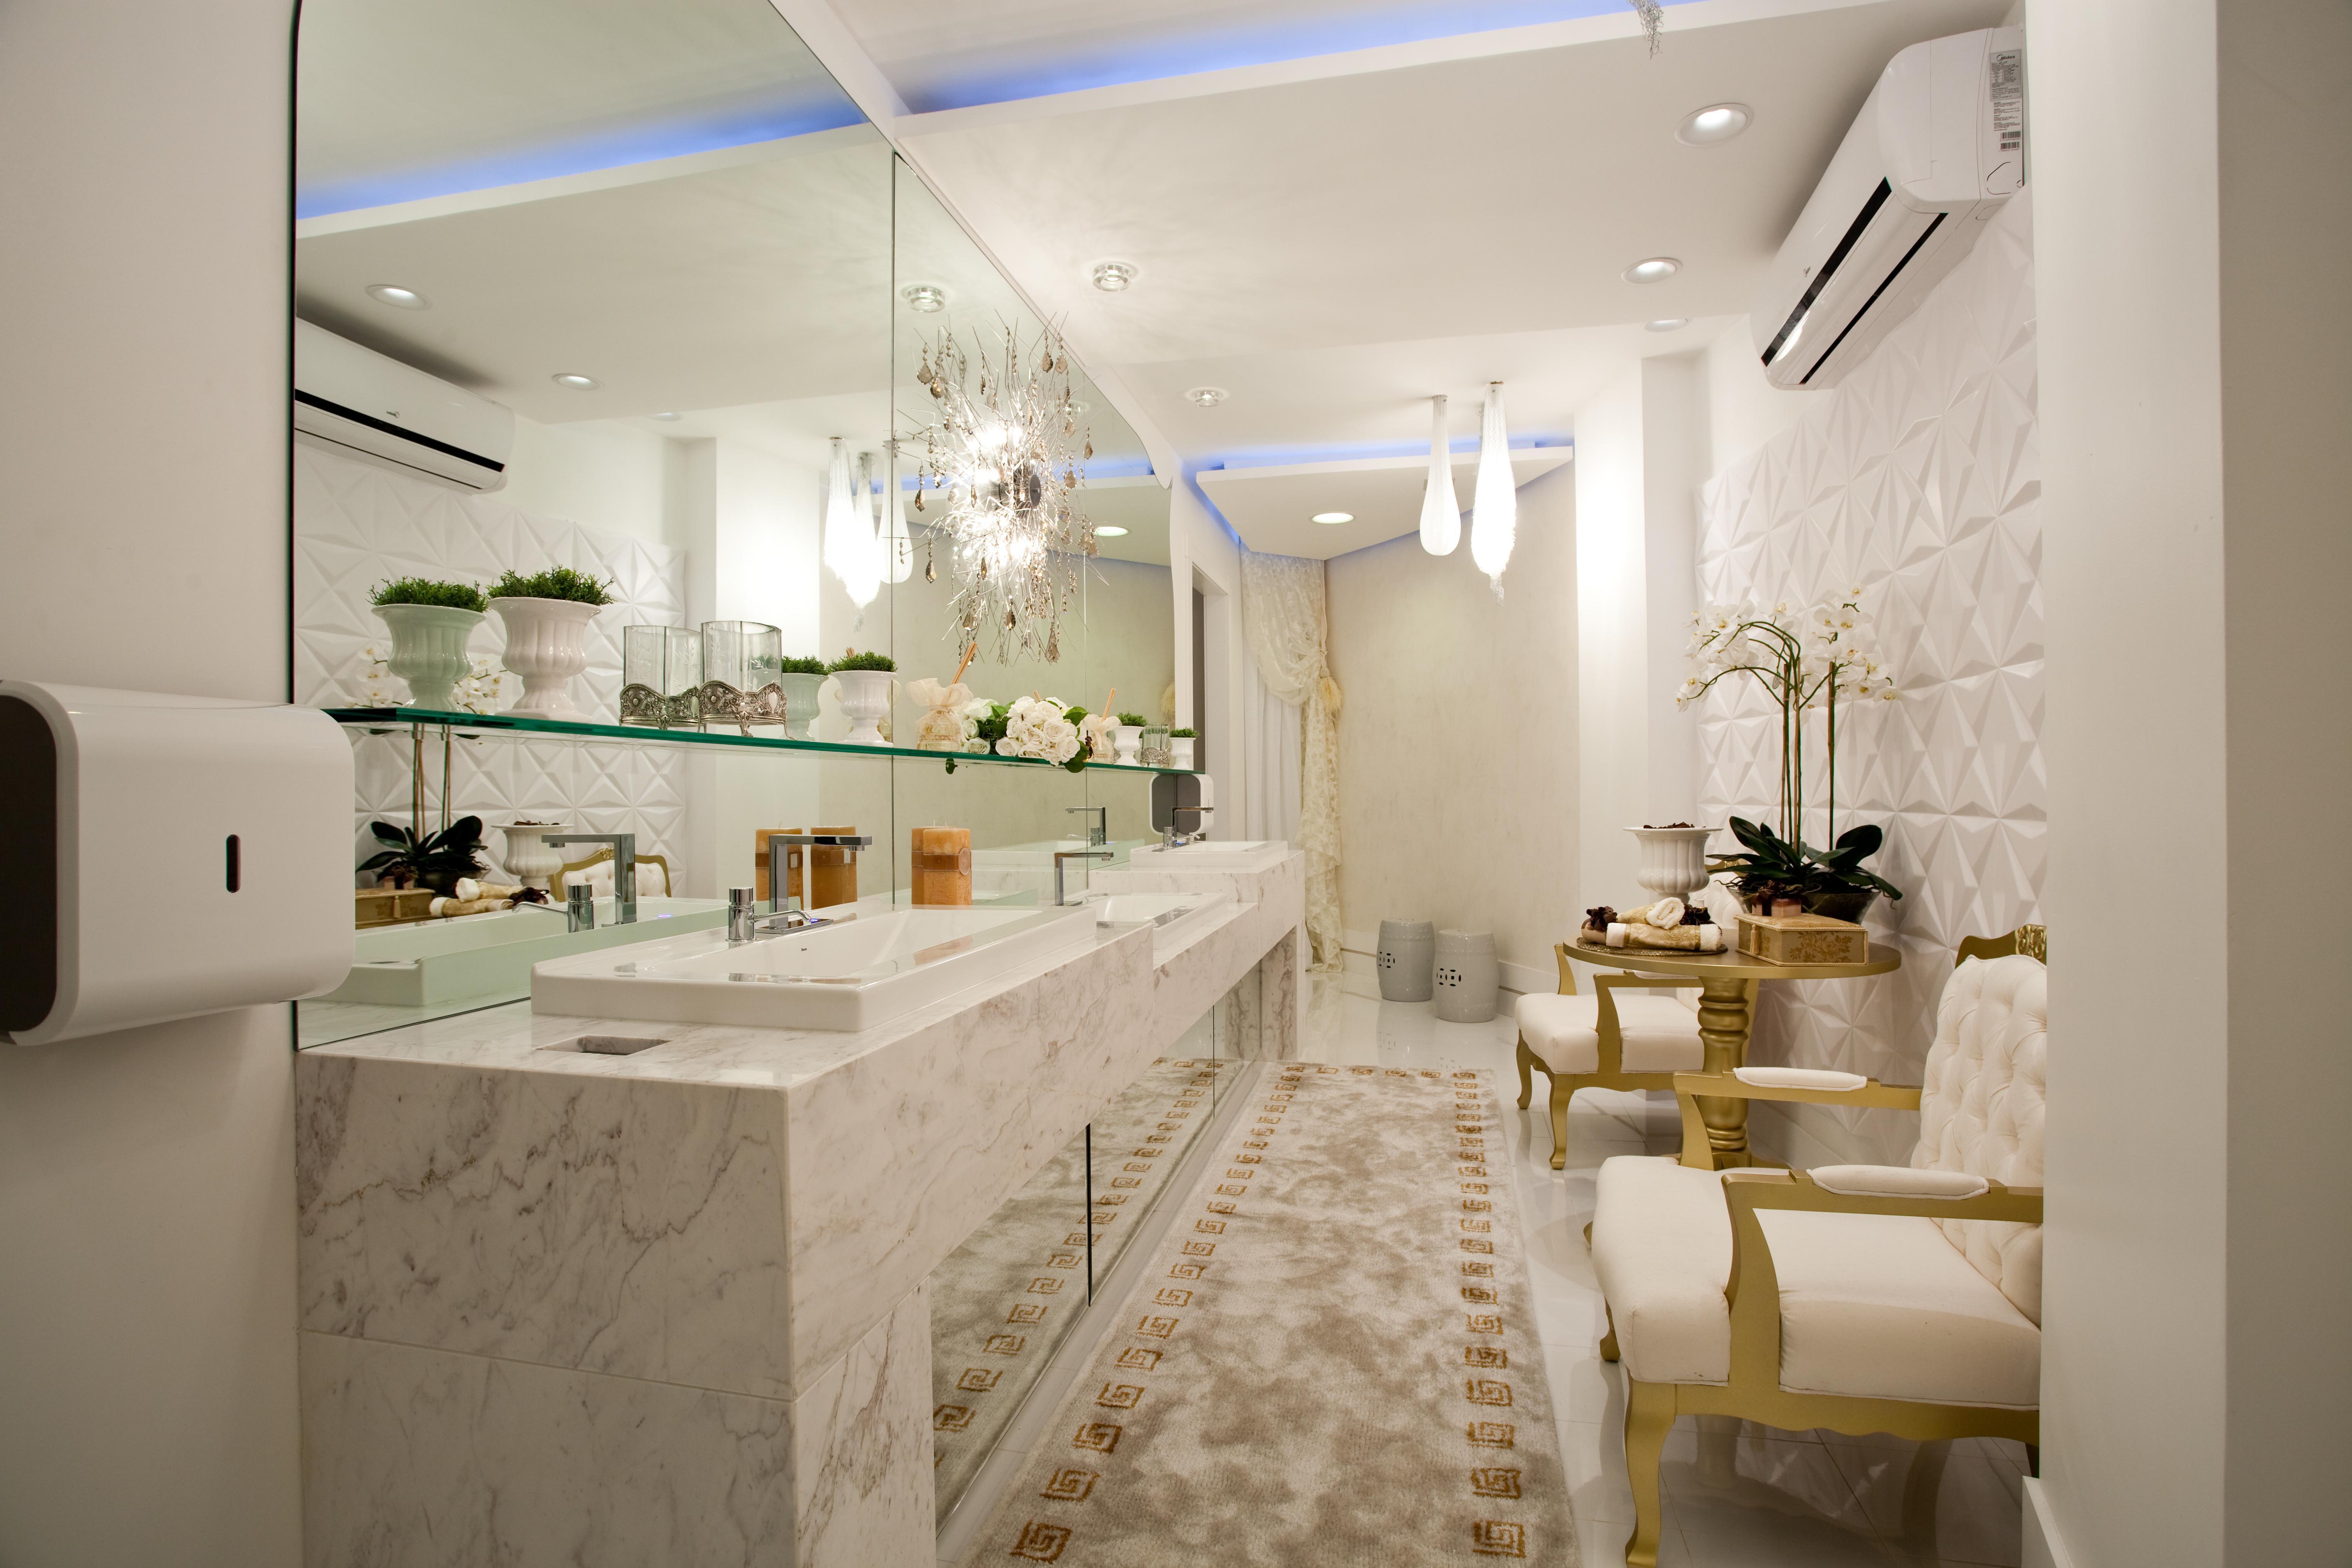 55 – Banheiro com uma composição linda do tapete e banquinho #946D37 5616 3744